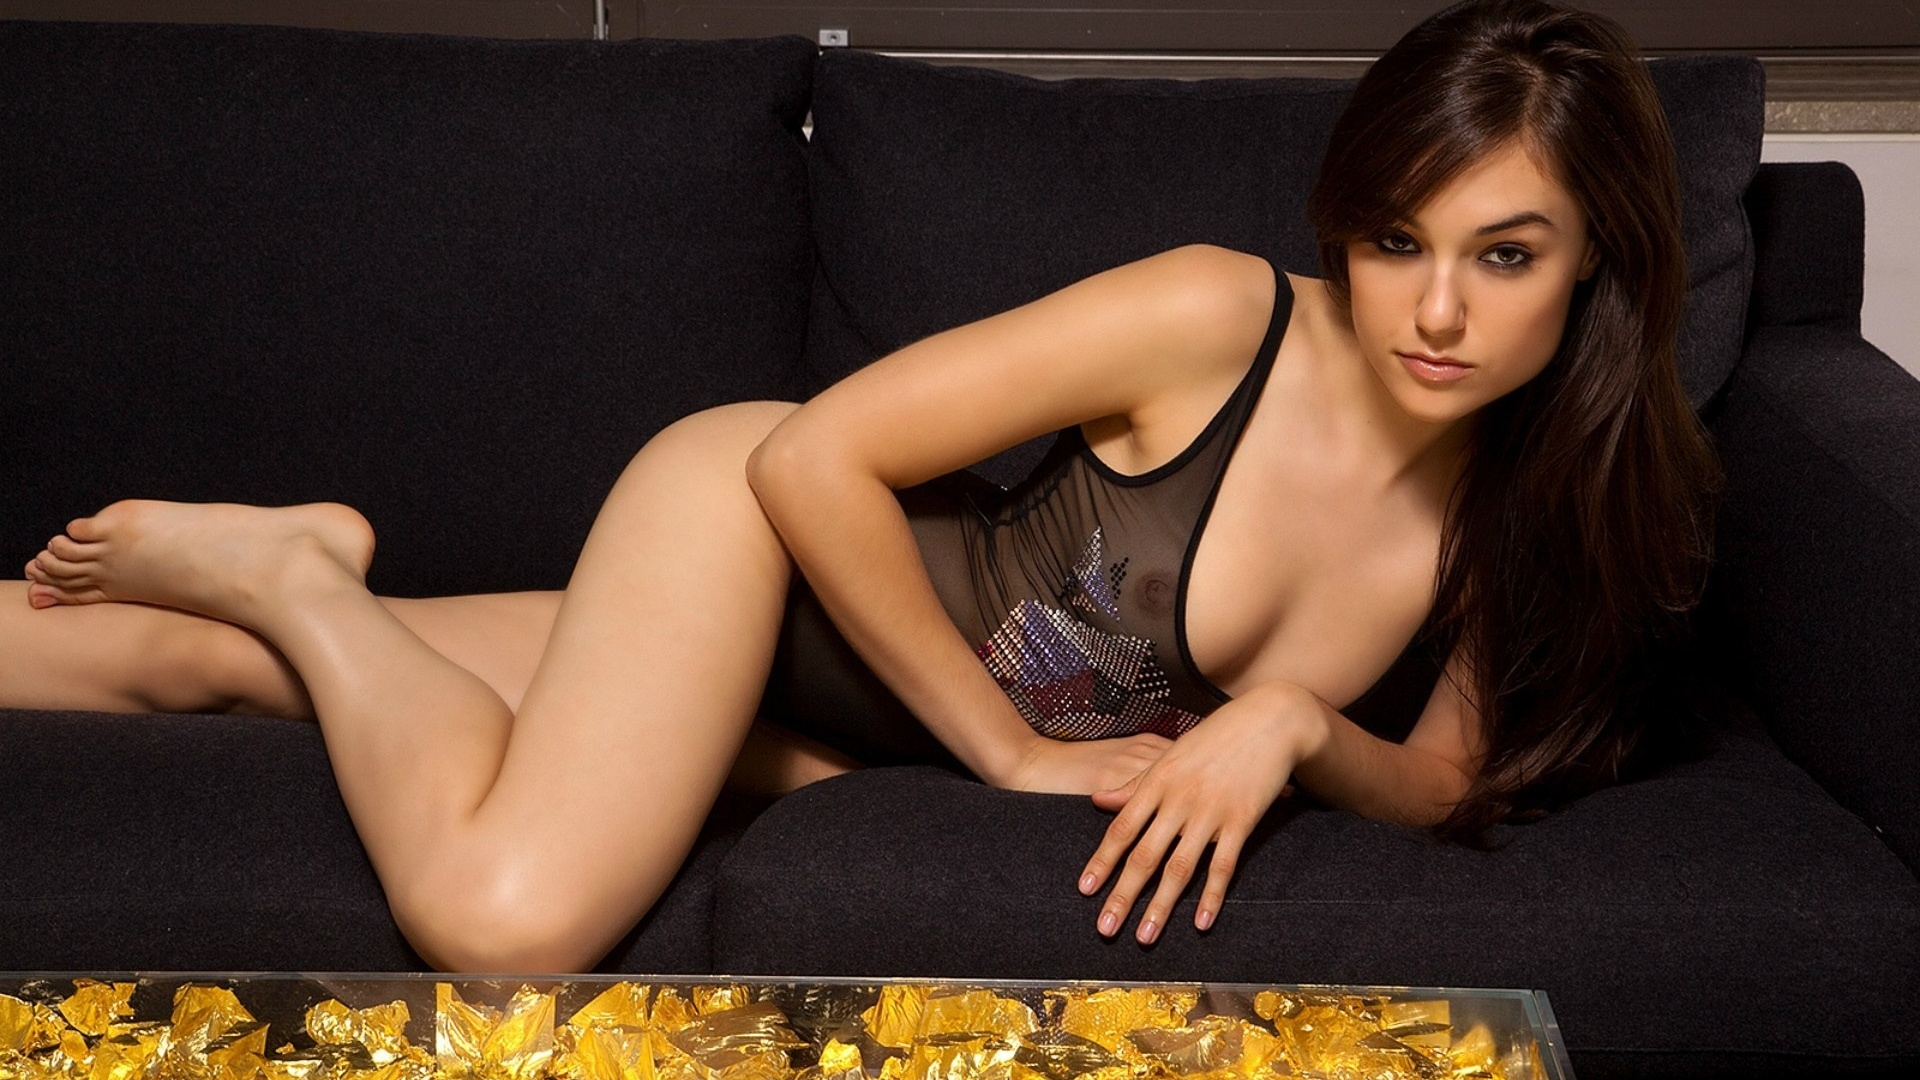 Саша грей смотреть лучше порно в hd качестве 9 фотография